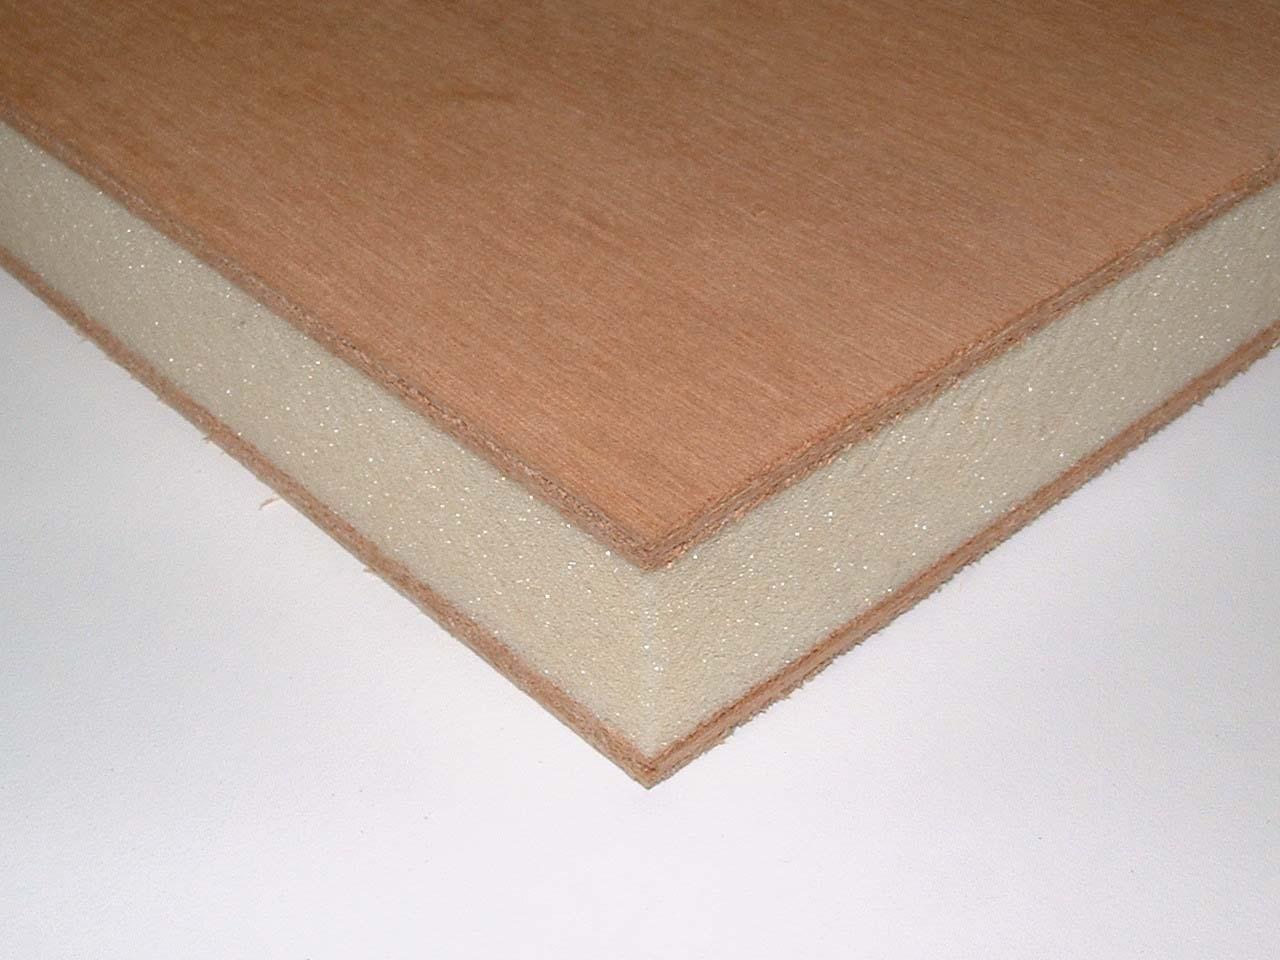 Light Density Fiberboard Mdf Or Ldf ~ Wood composites interior design assist